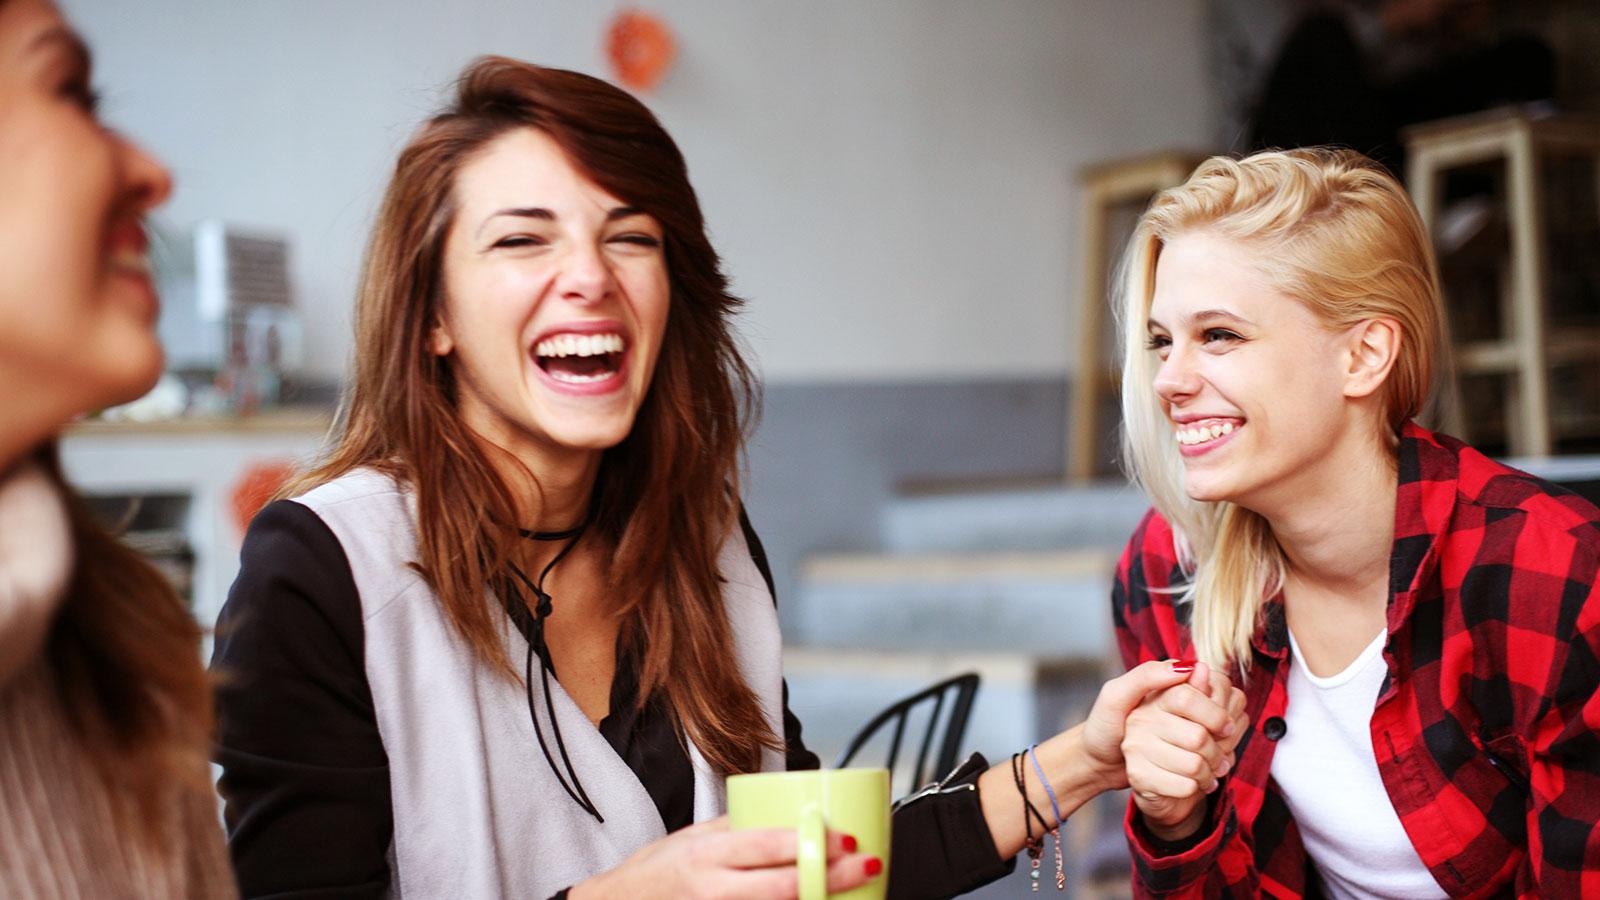 Καλή διάθεση: Τα οφέλη του γέλιου